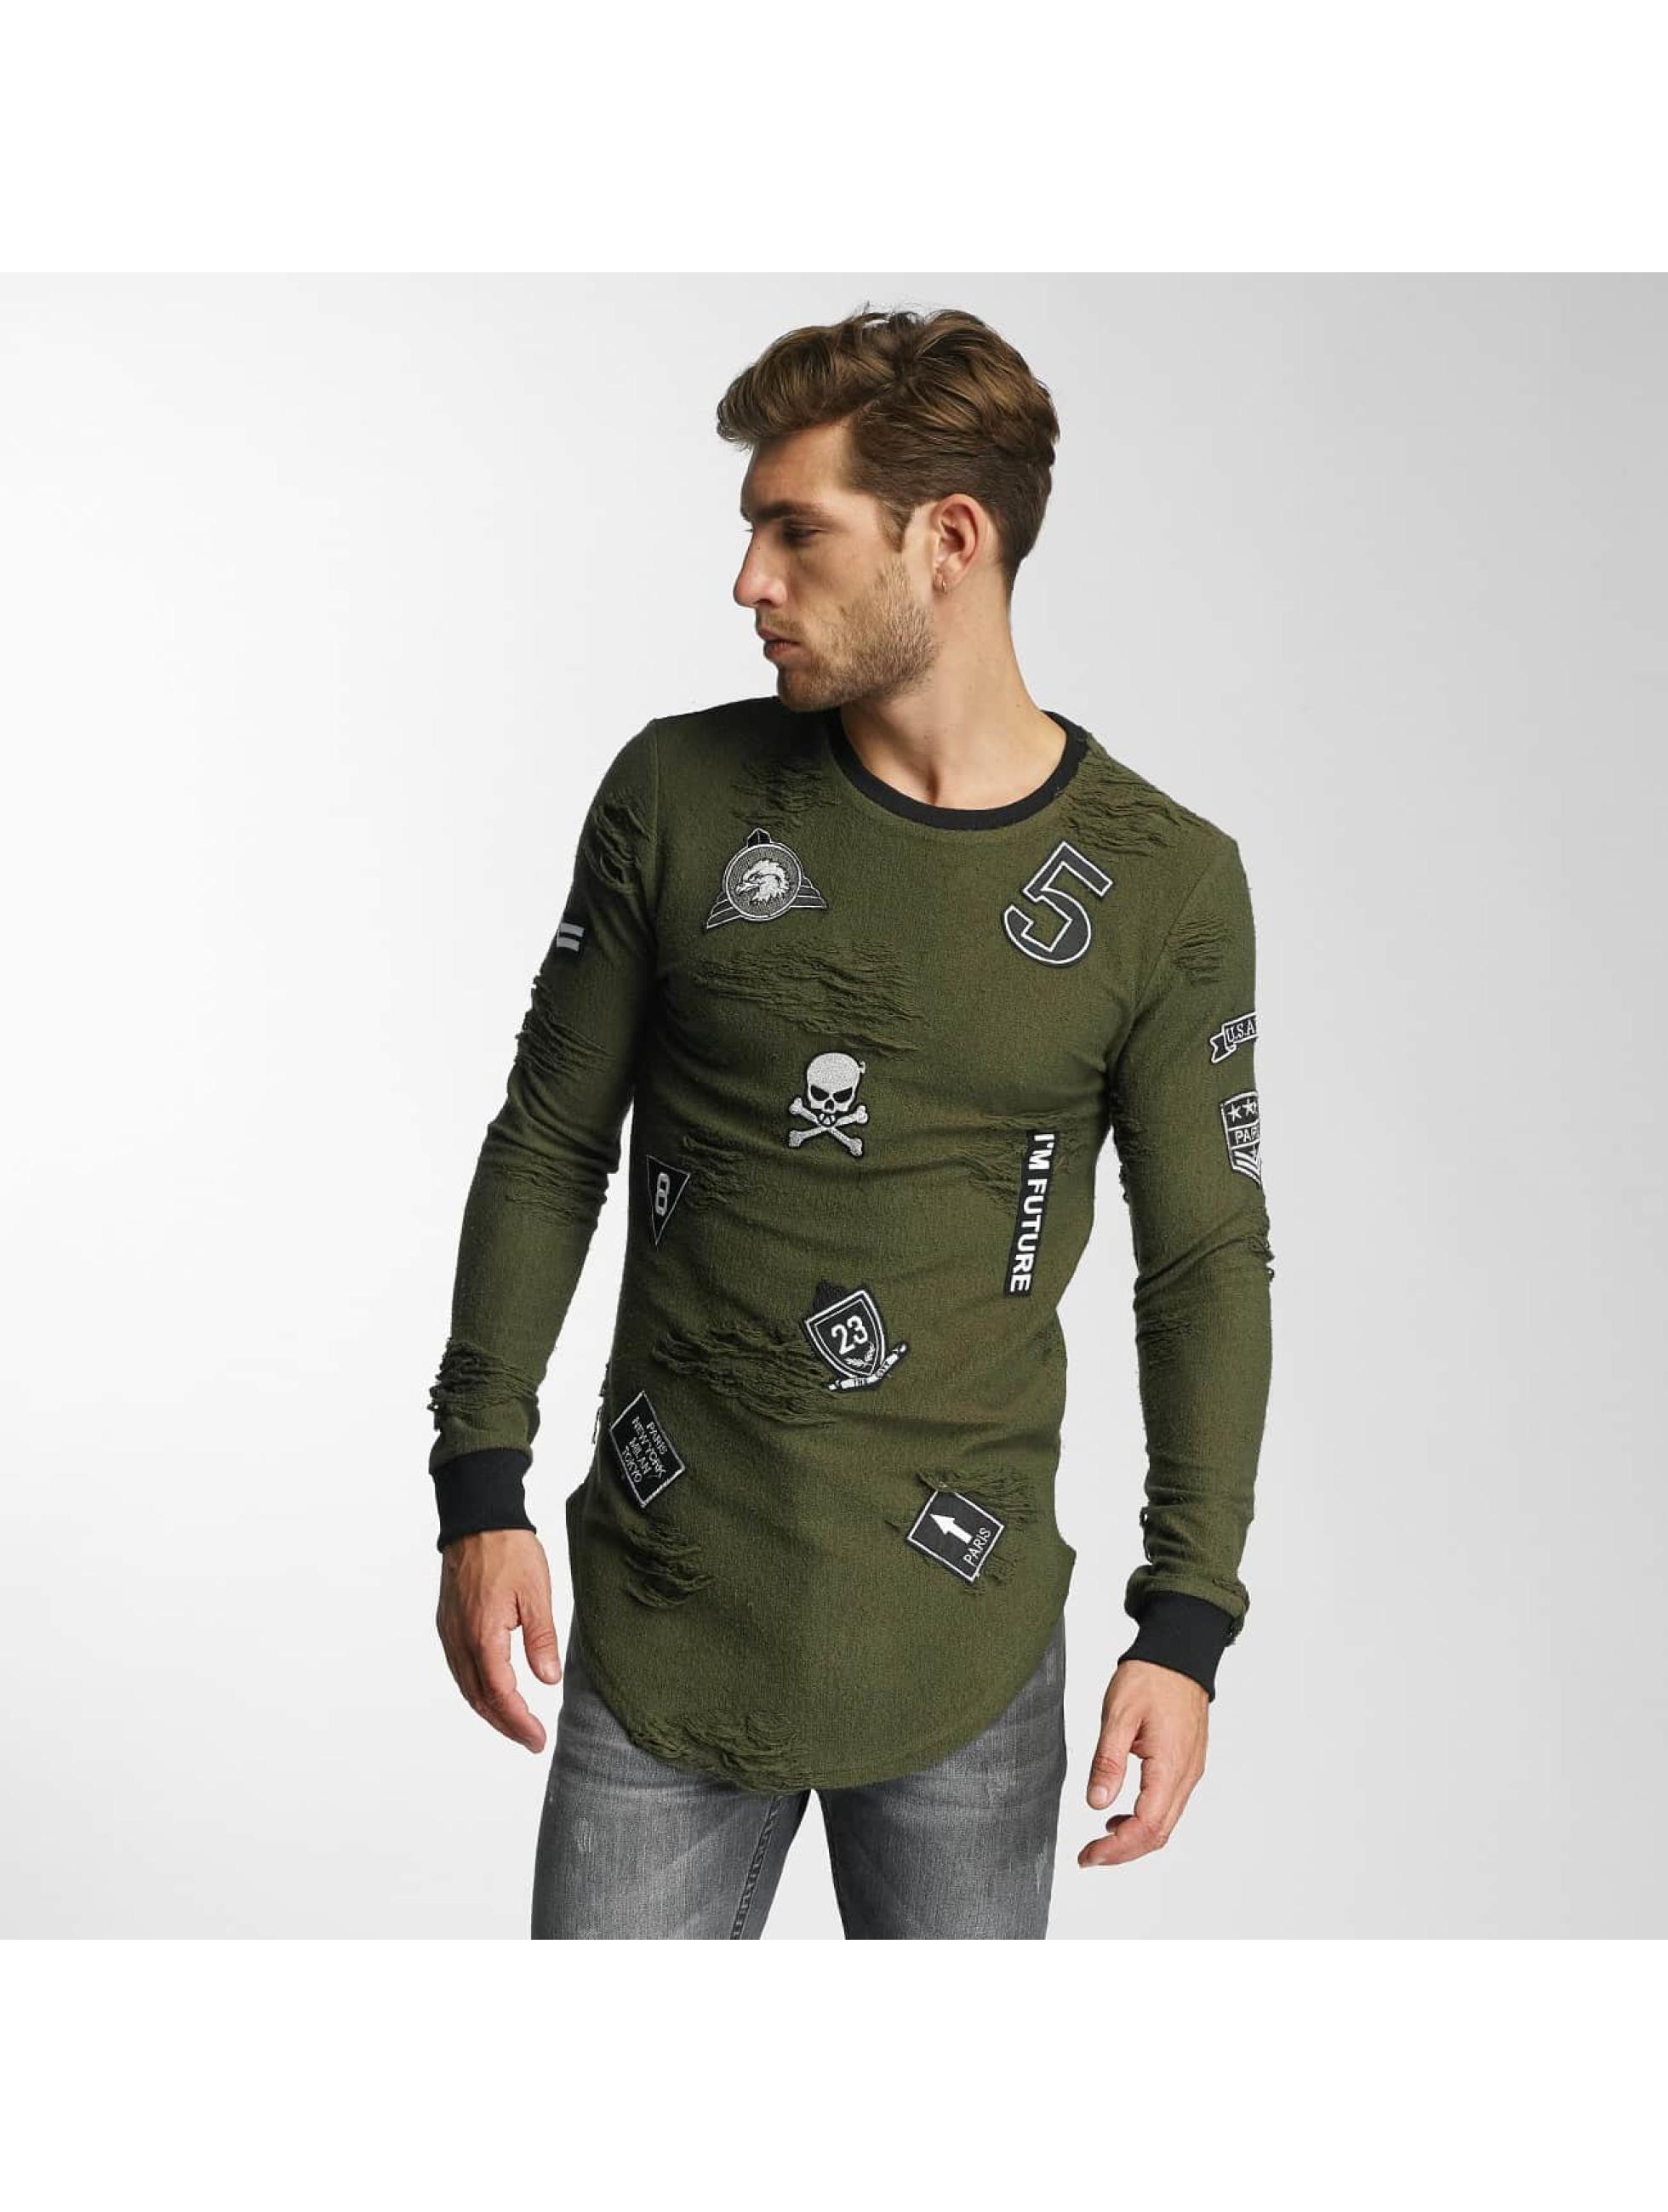 Paris Premium Männer,Frauen Pullover 5 in grün